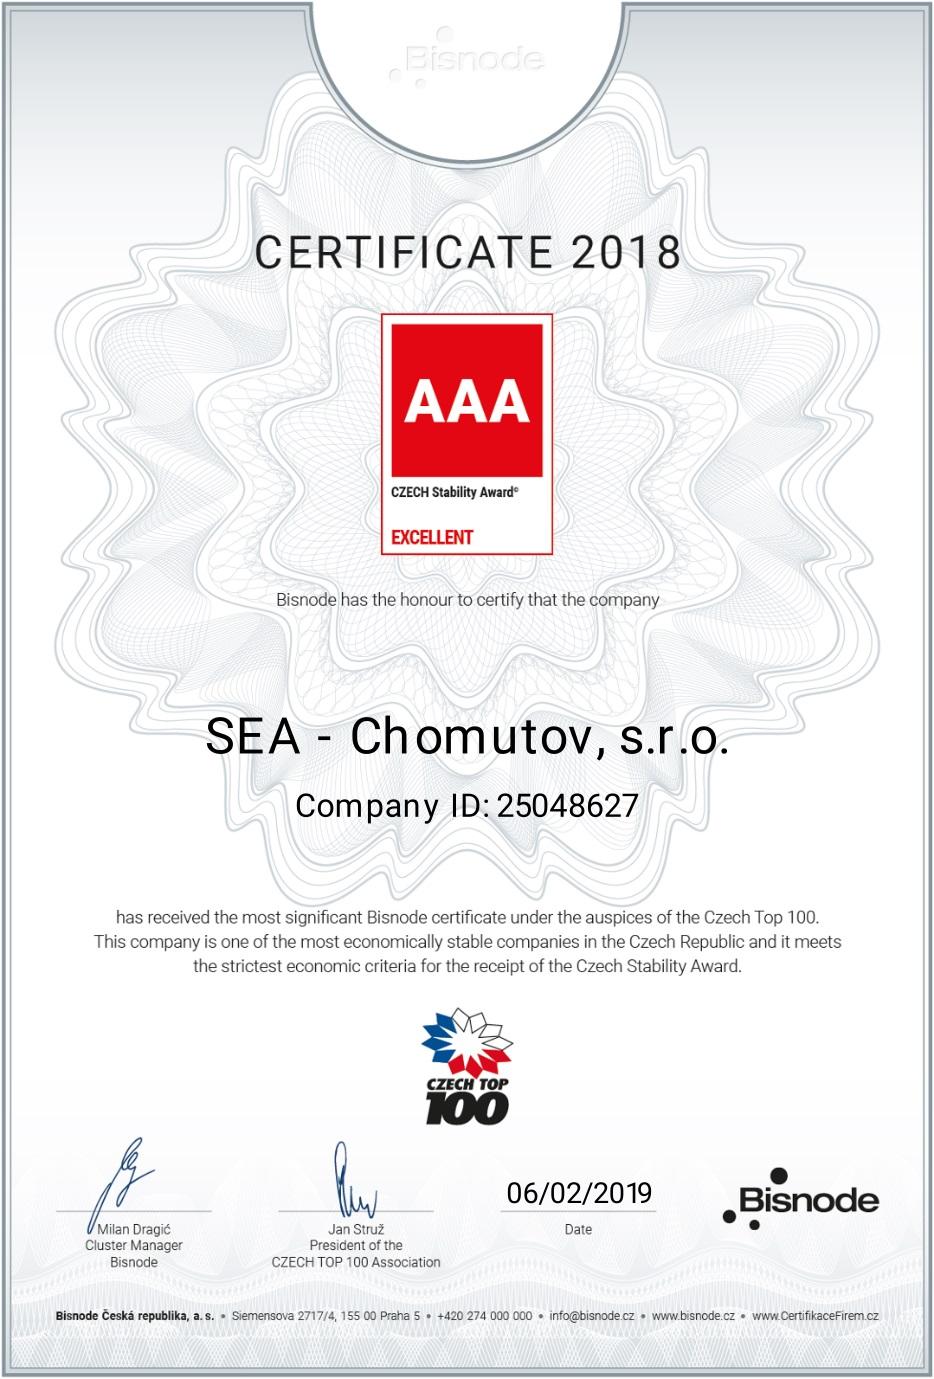 CZECH TOP 100 - certificate CZECH Stability Award AAA EXCELLENT